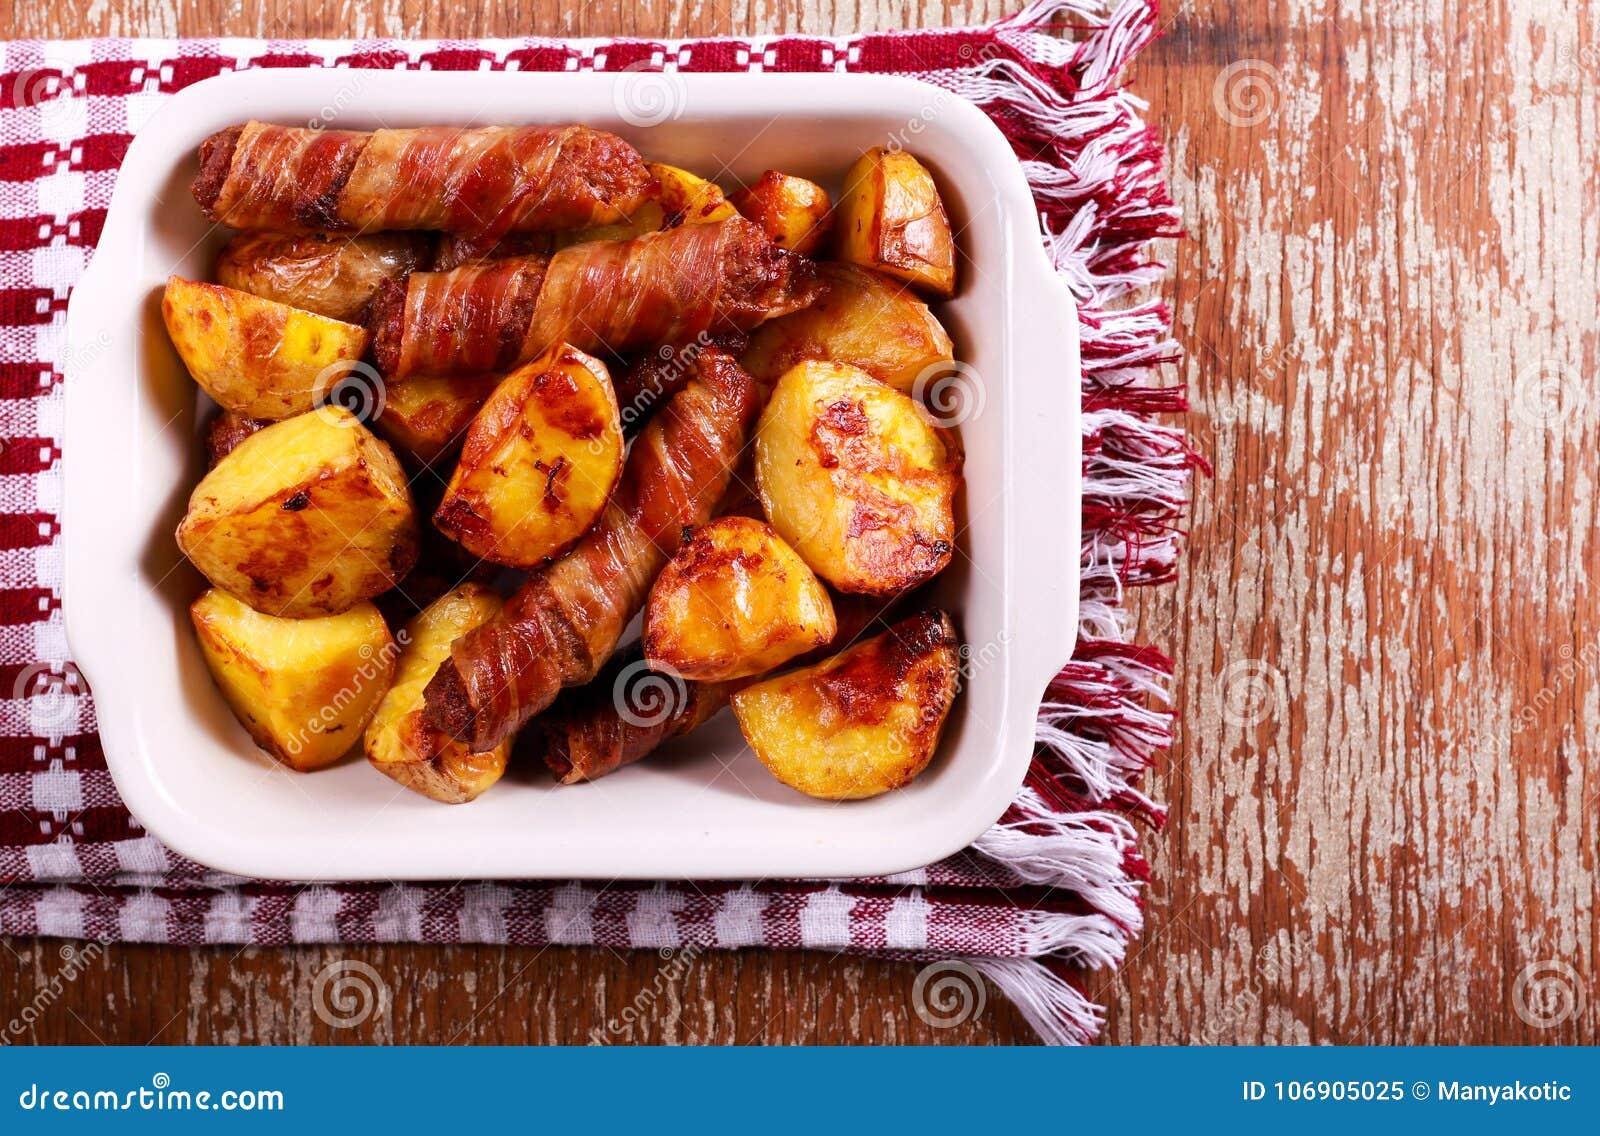 Pieczone grule i kiełbasy